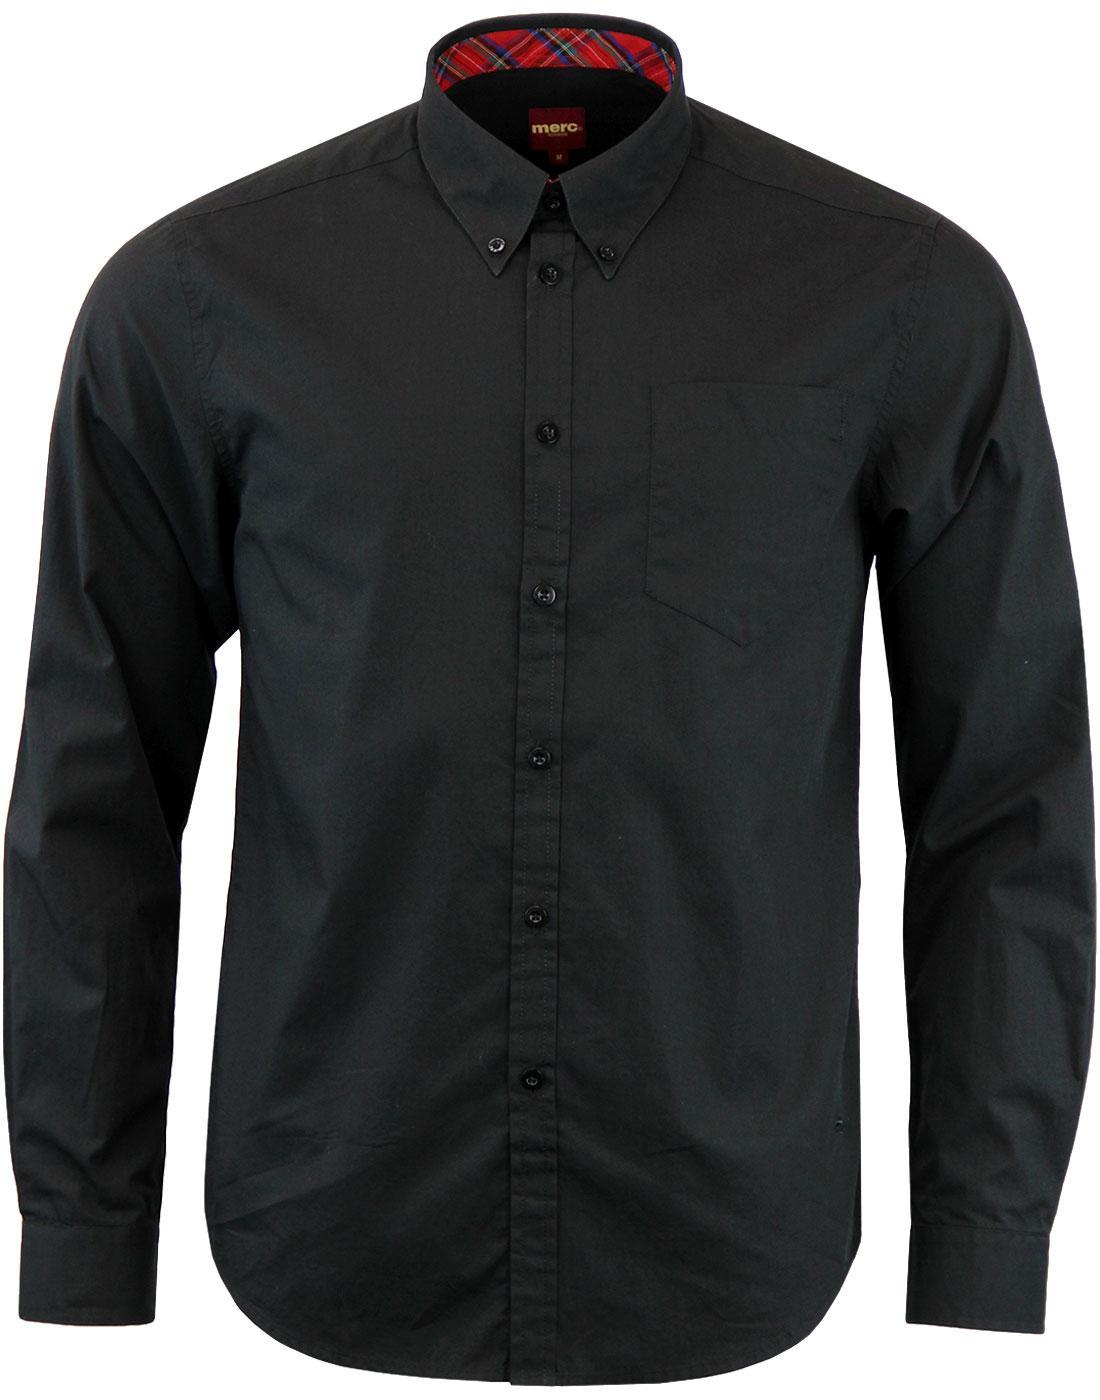 Albin MERC 60s Mod Button Down L/S Smart Shirt B